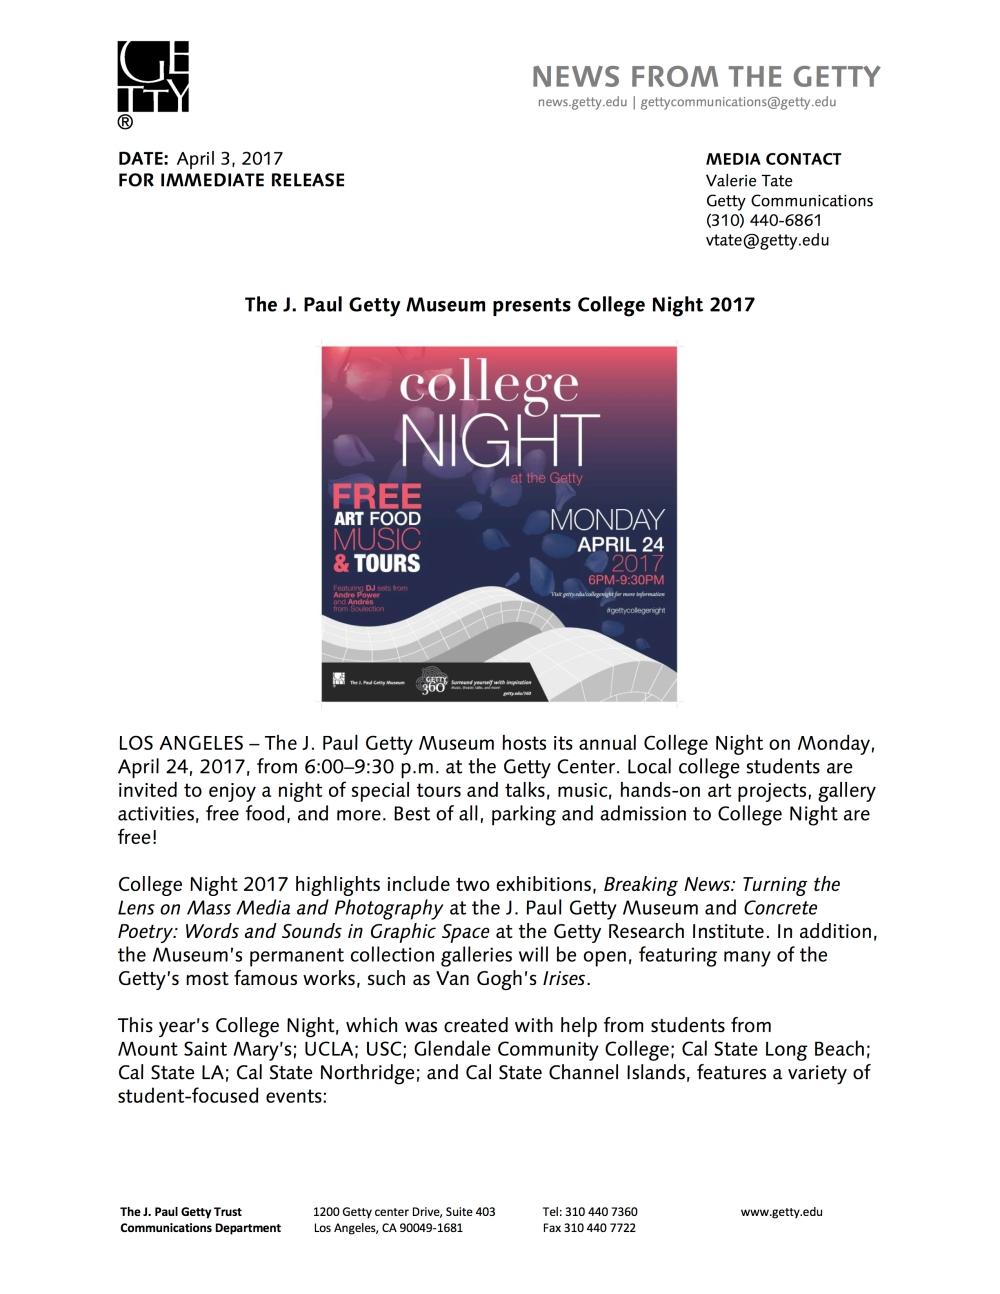 Press Release - Getty Center College Night 2017